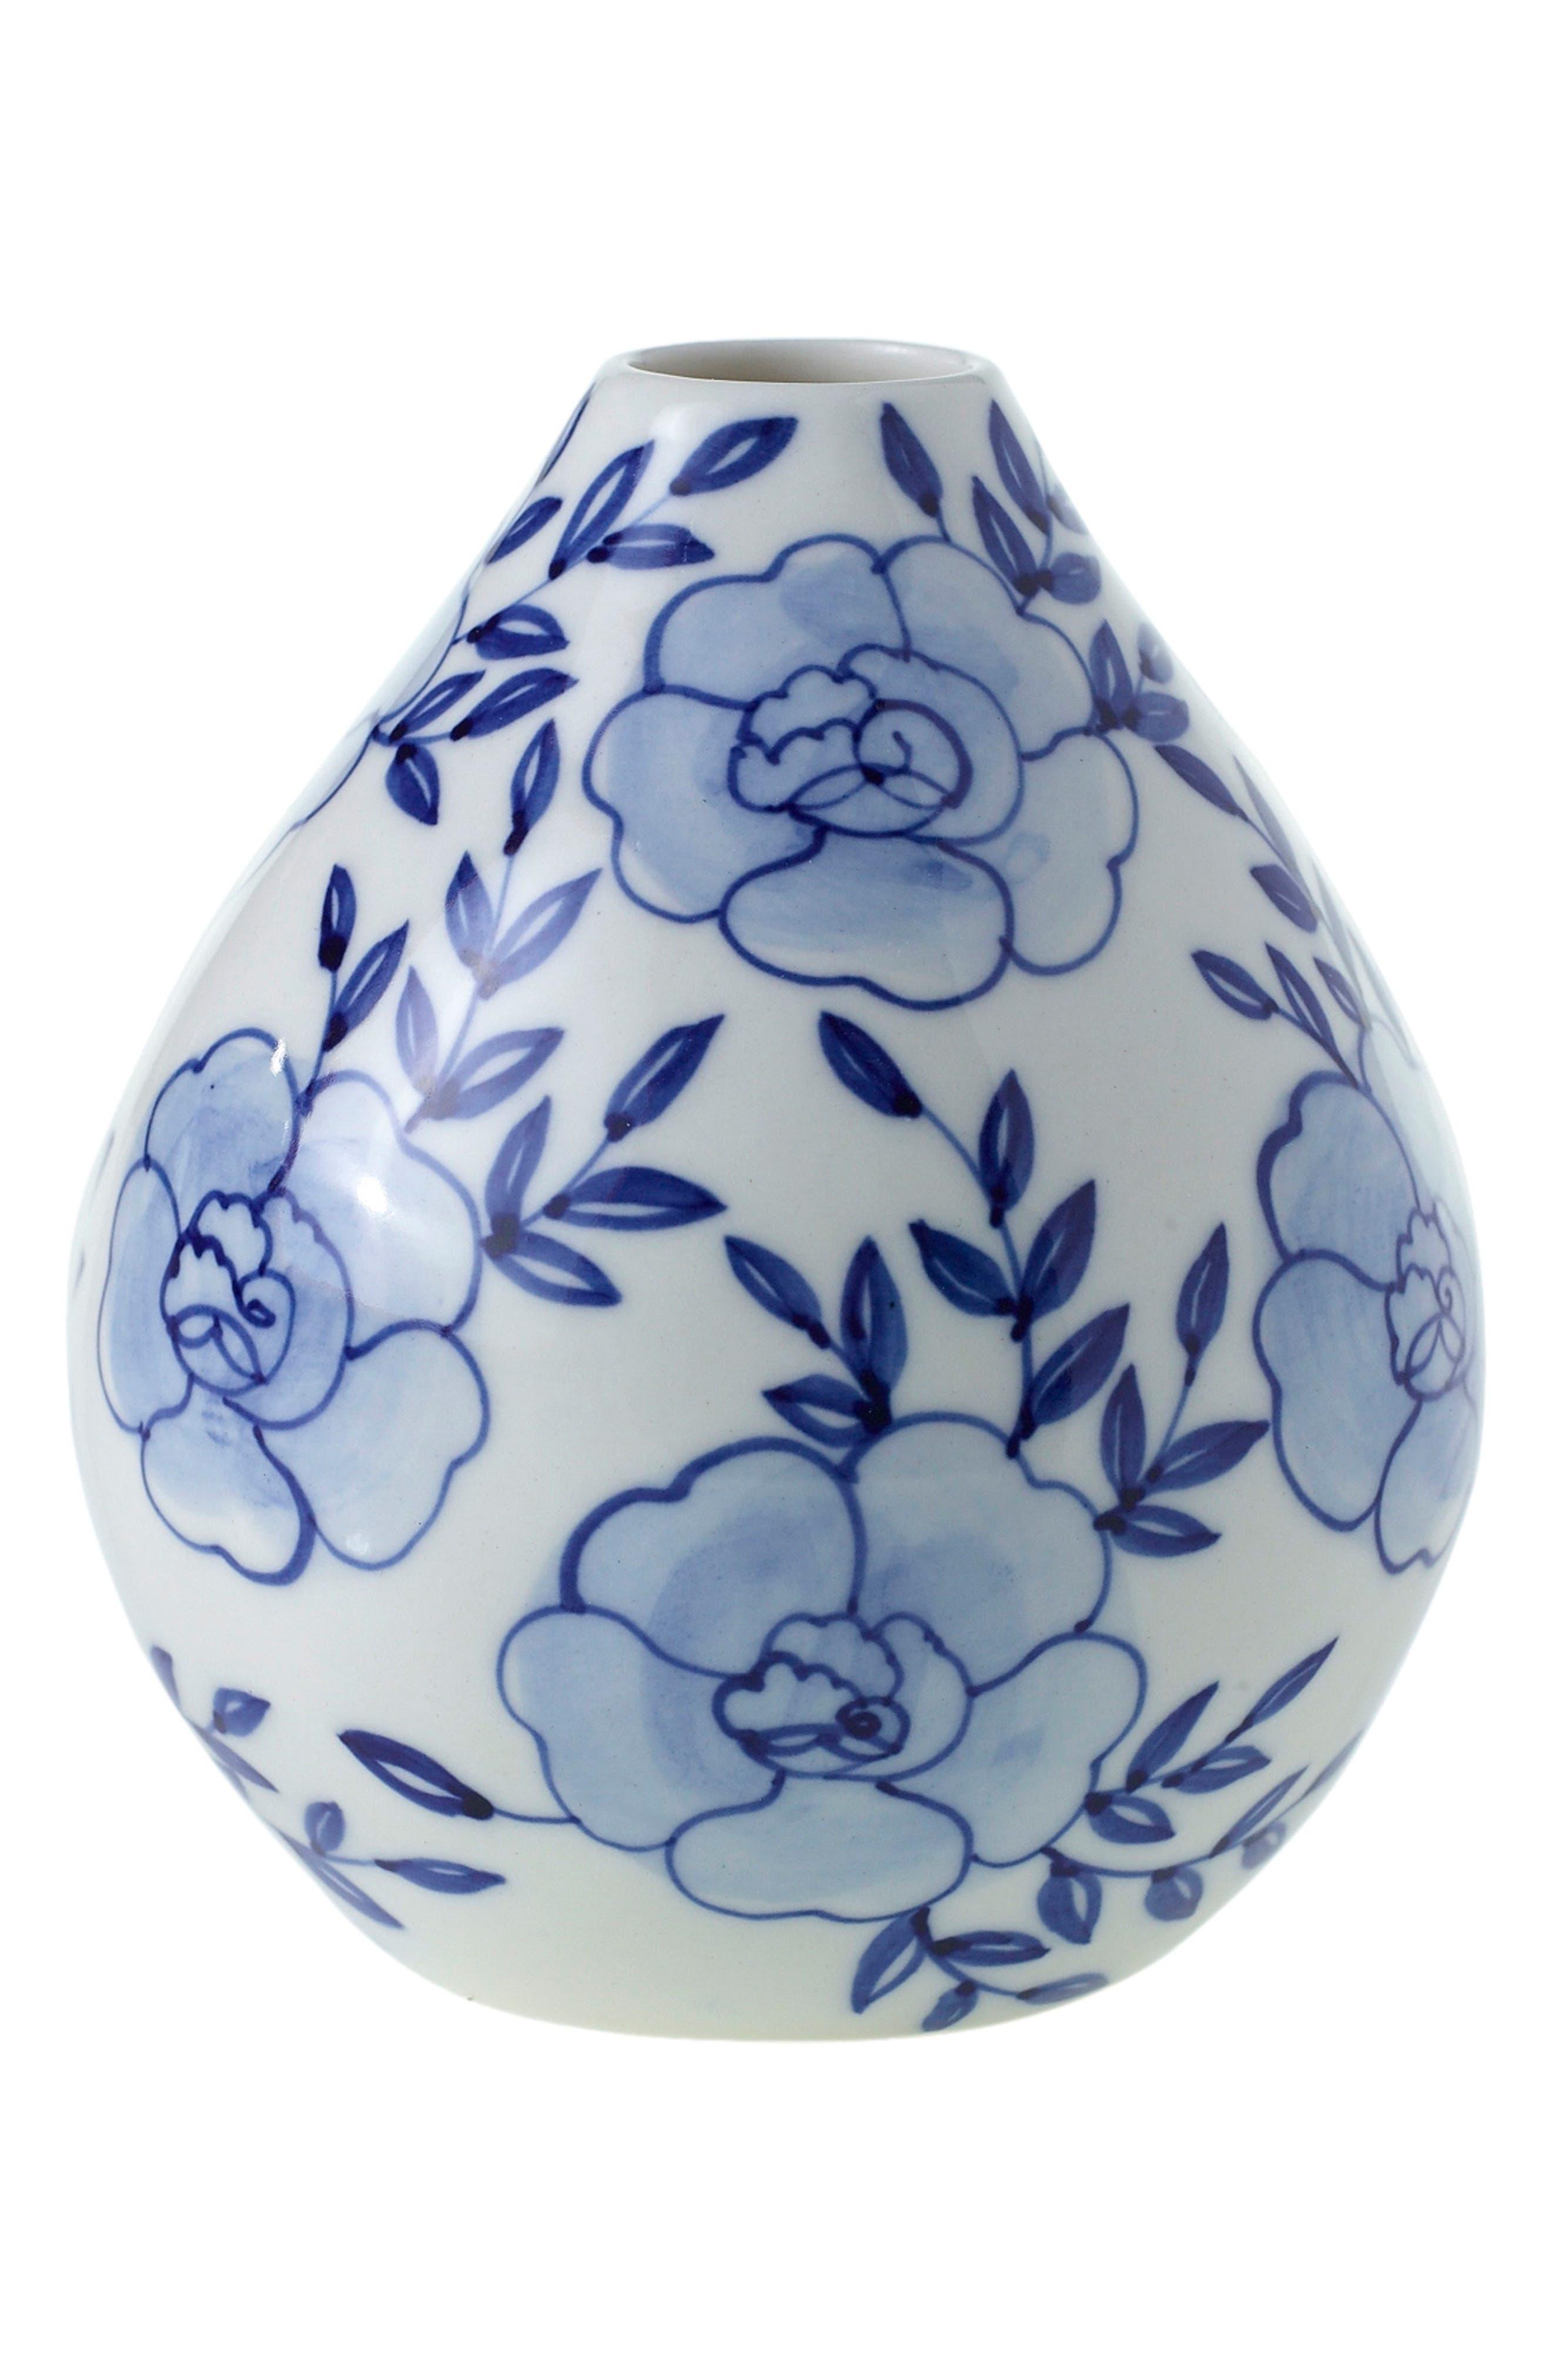 Main Image - Accent Decor Eleanor Hand Painted Ceramic Bud Vase